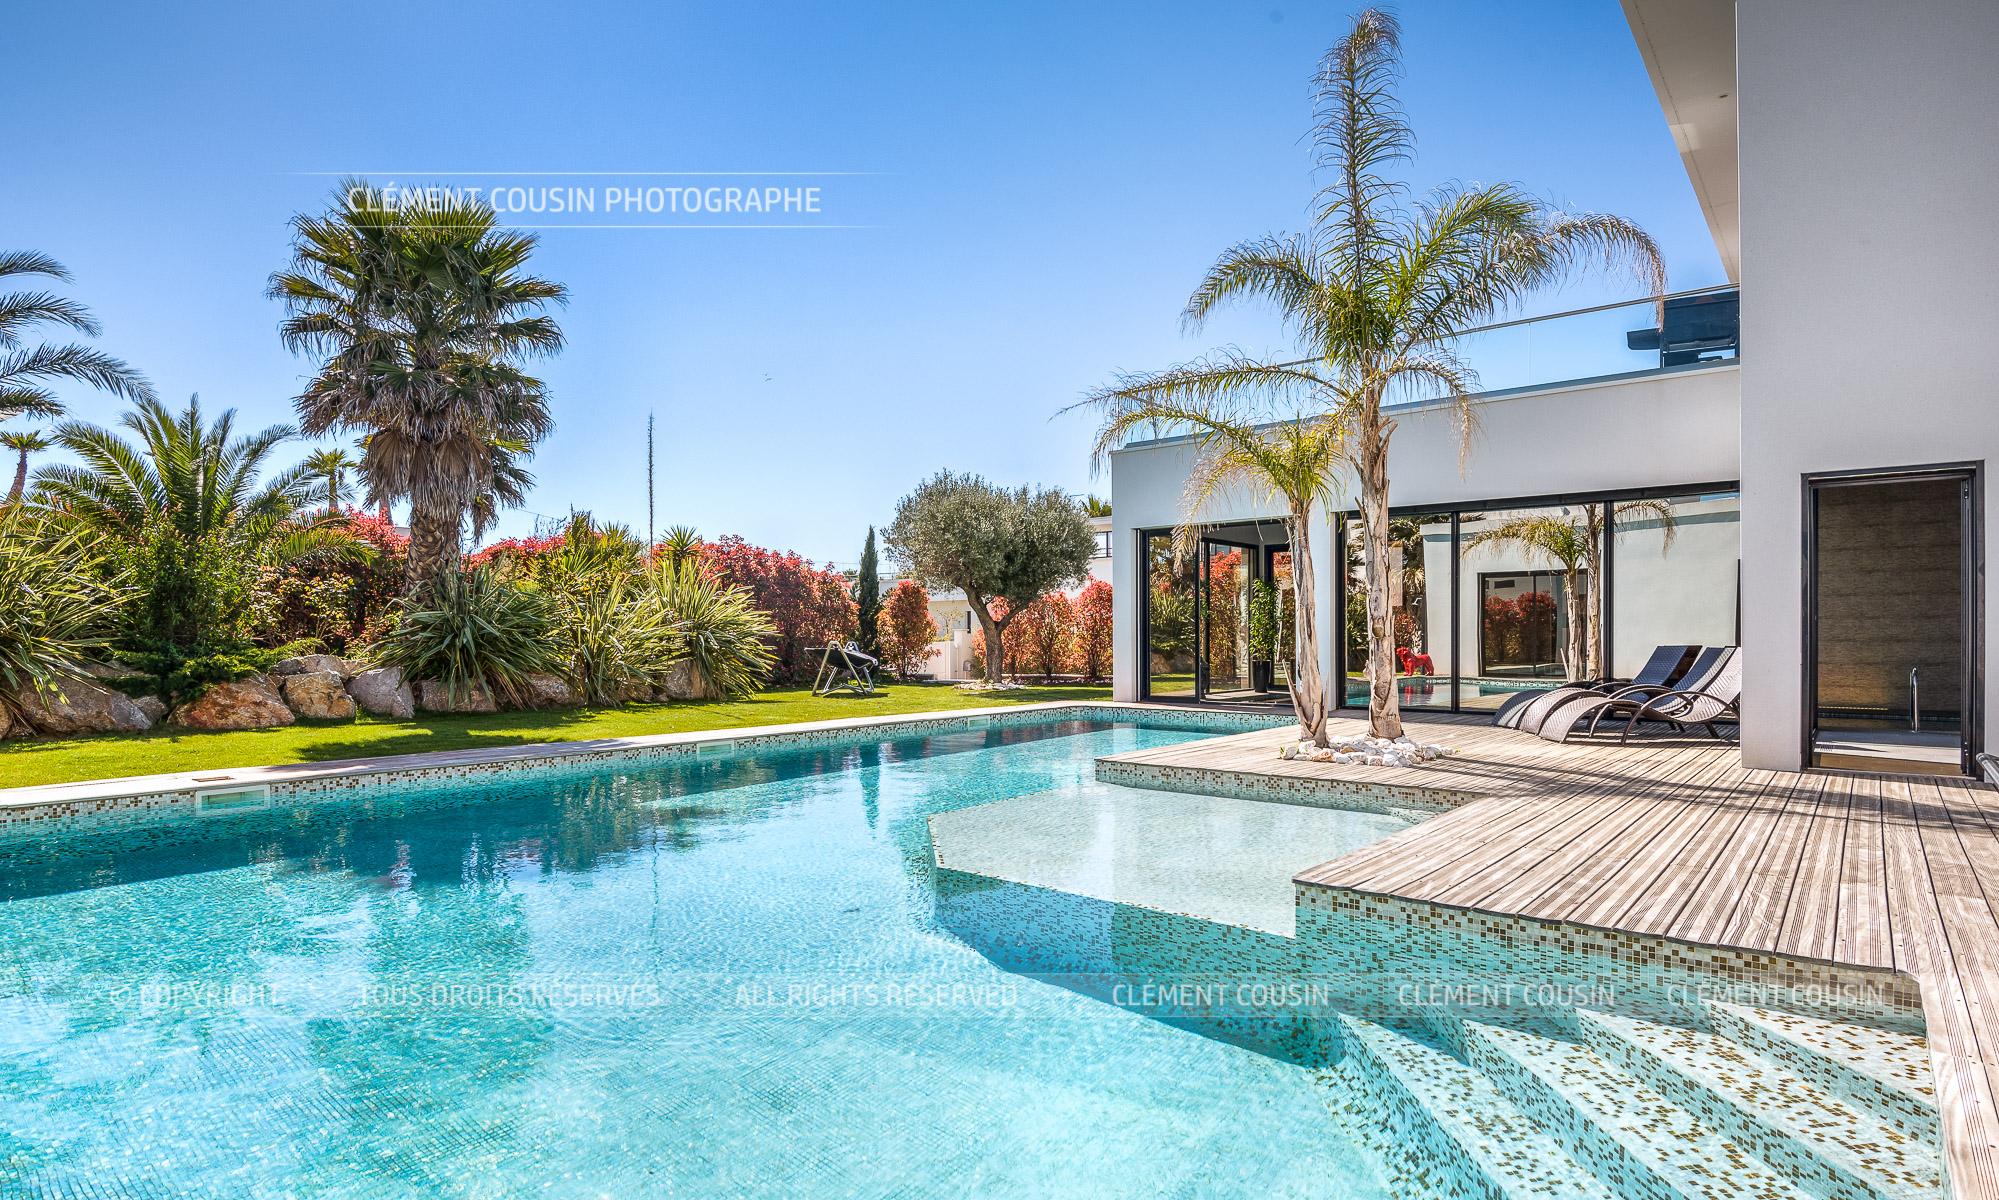 villa grau agde moderne piscine vue mer-8.jpg